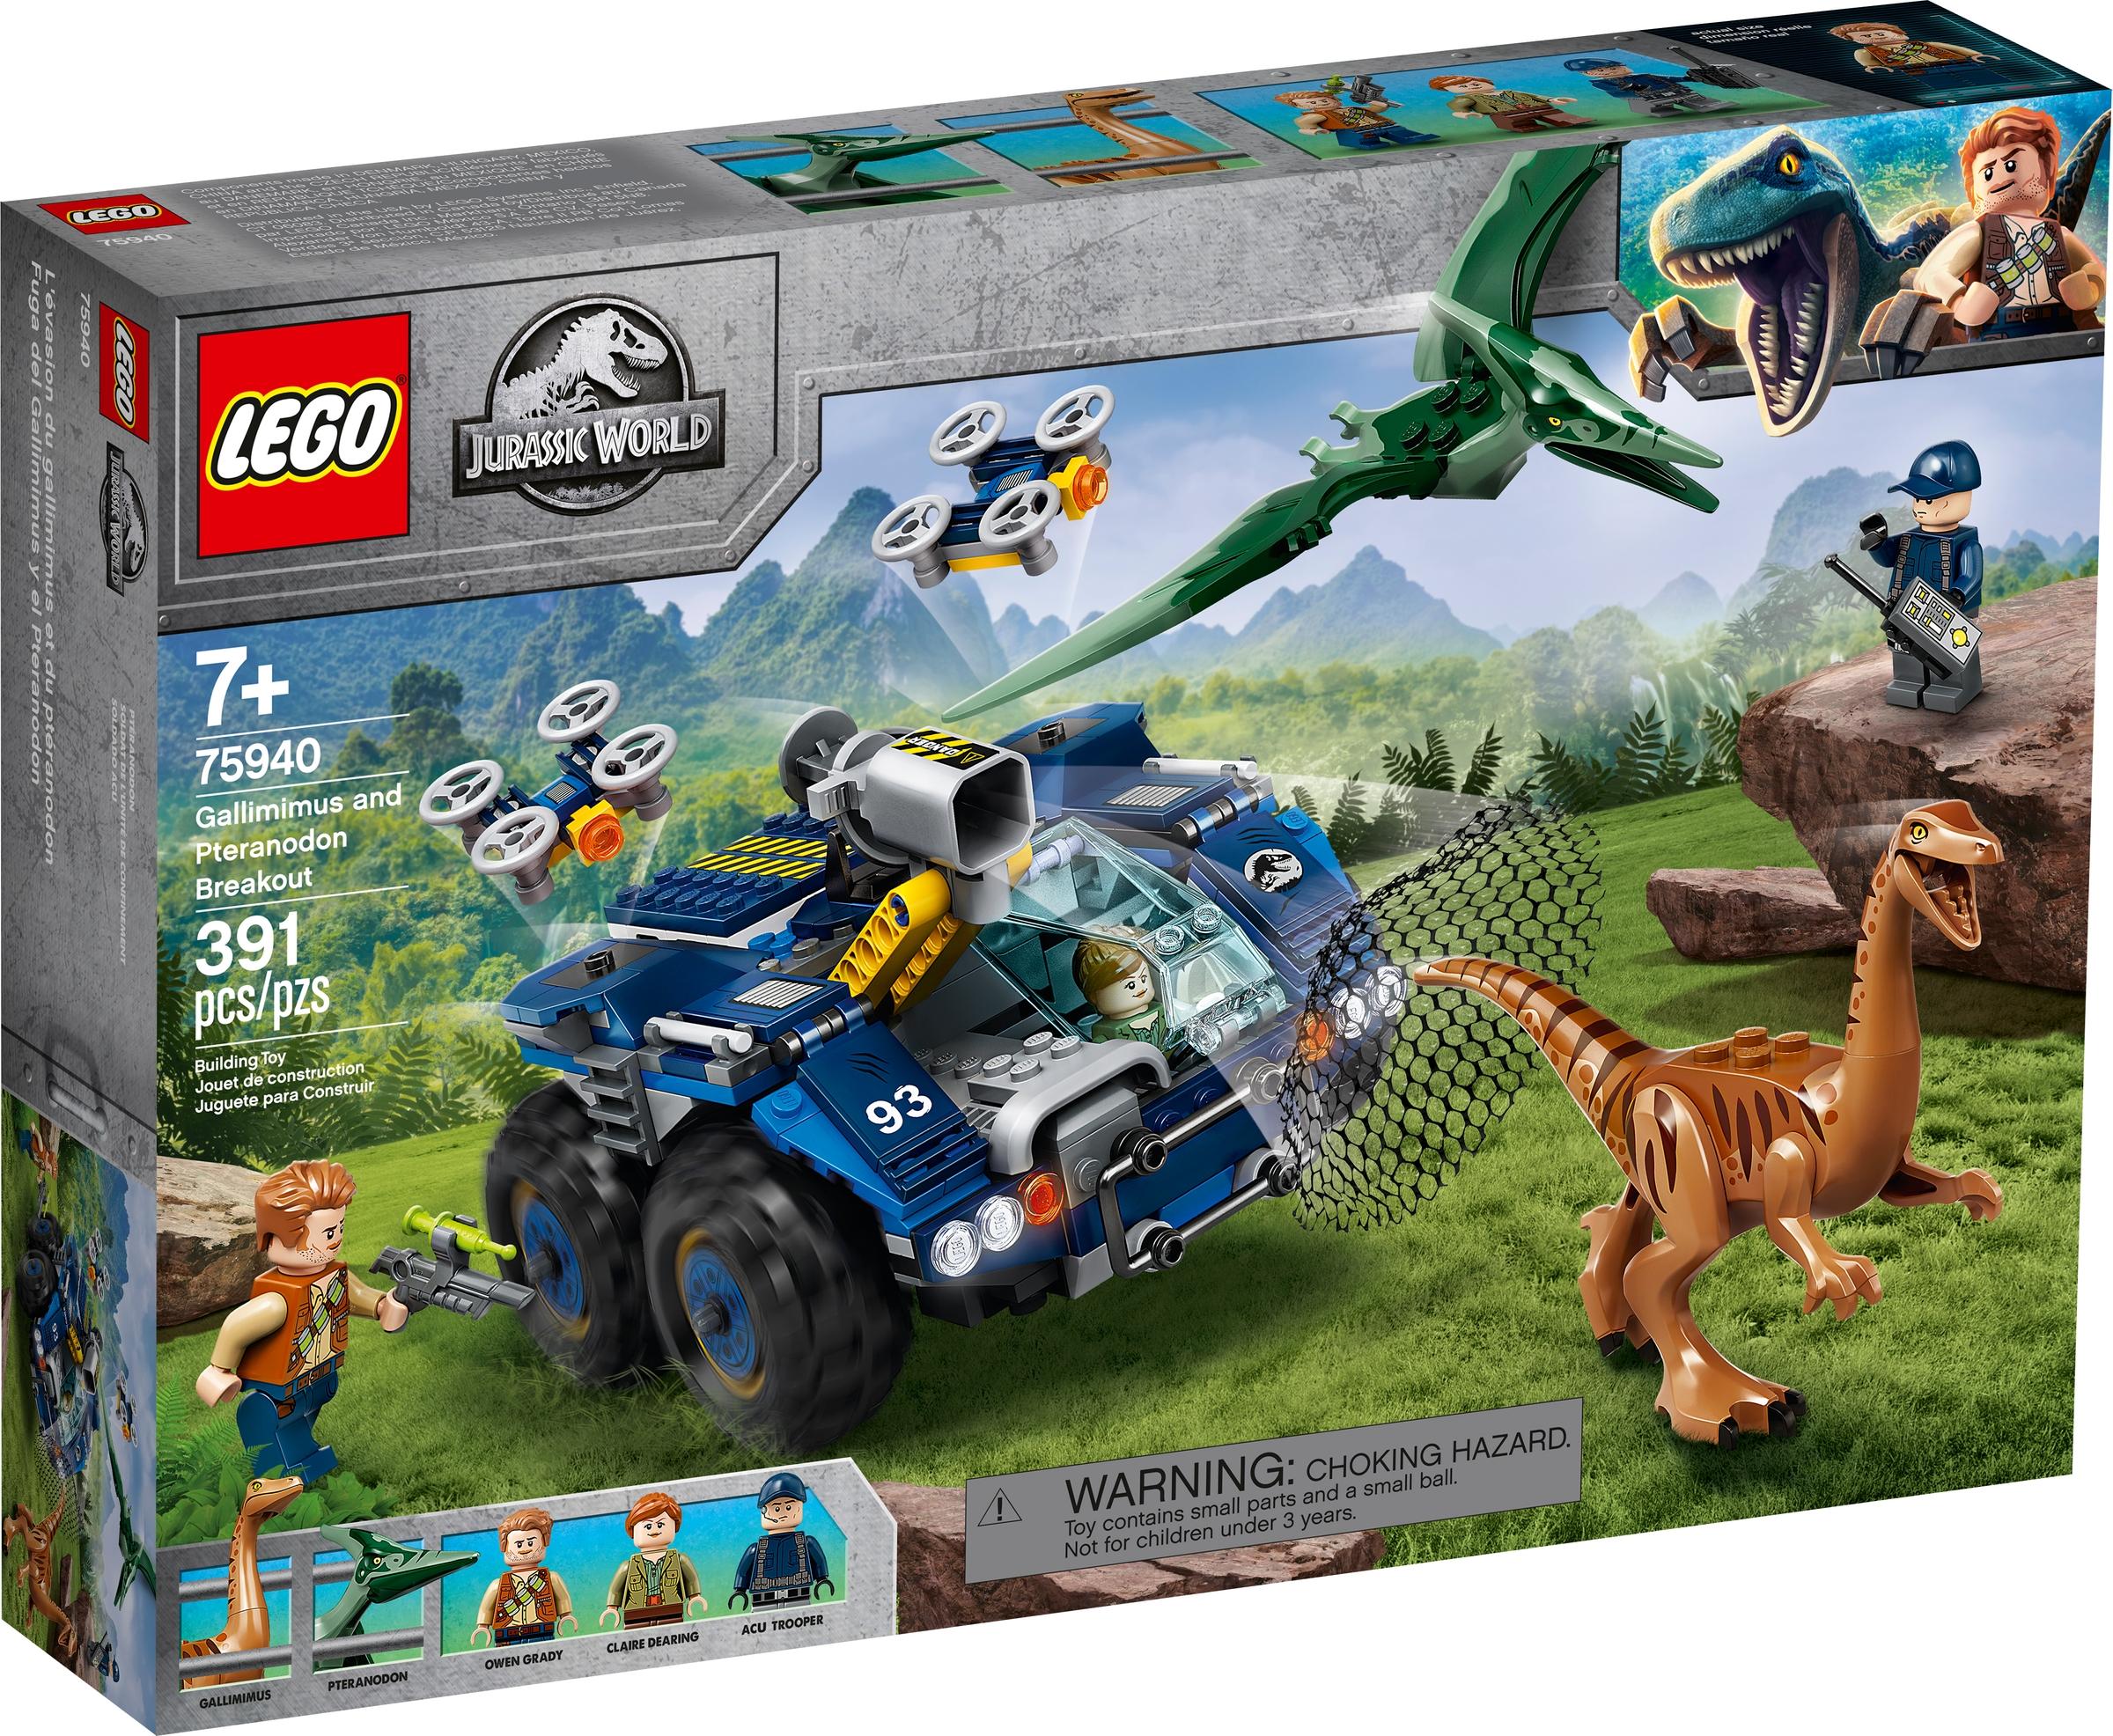 lego 75940 gallimim i pteranodon ucieczka